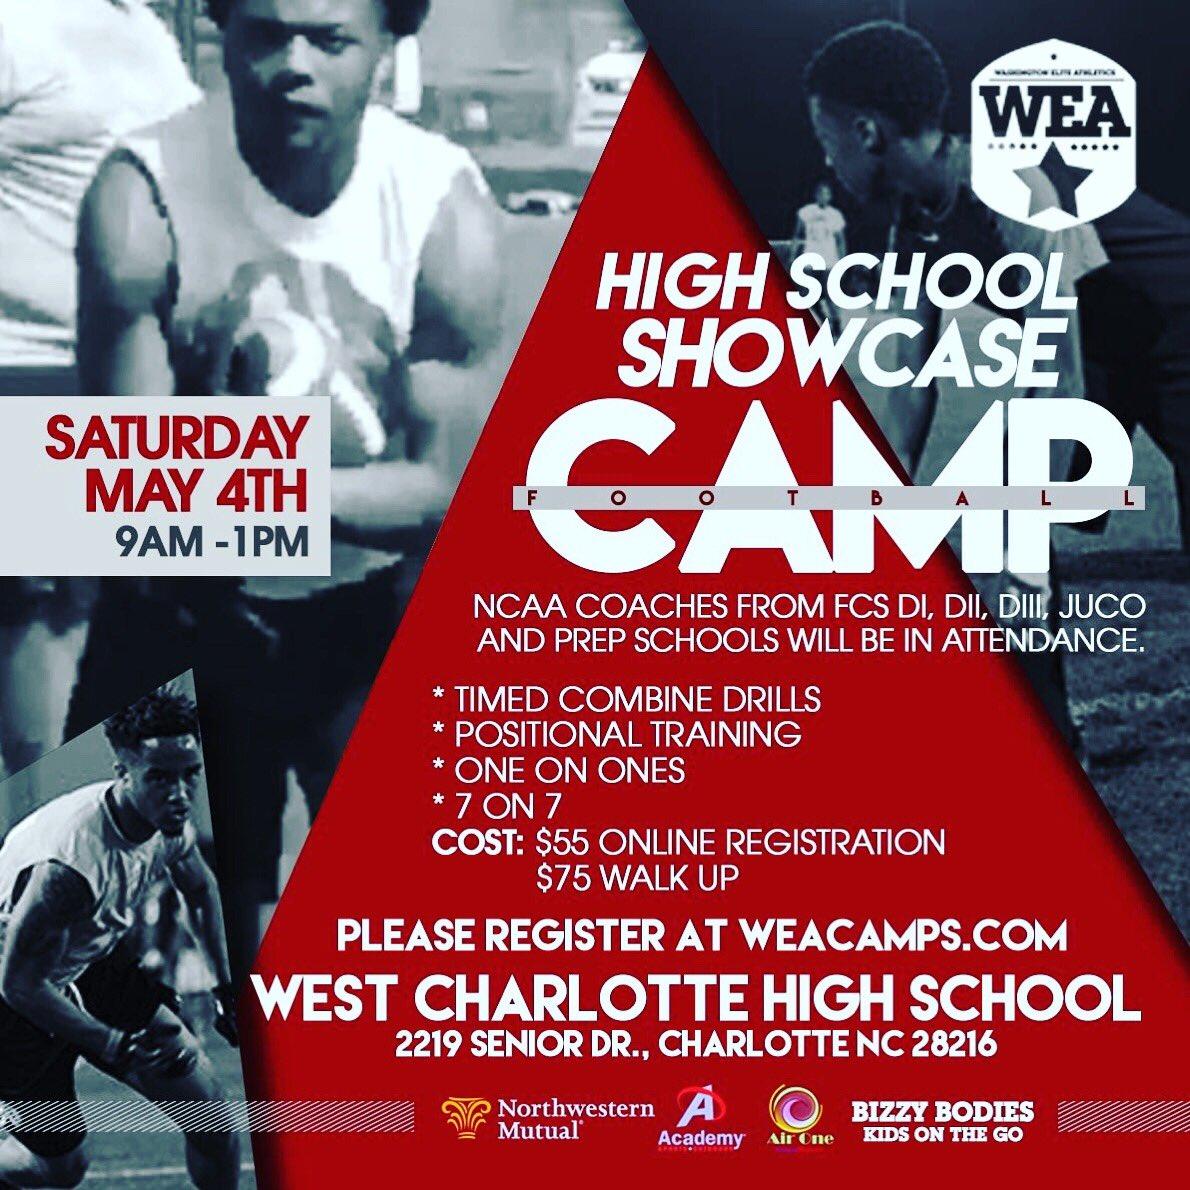 WEA Exposure Camps on Twitter: